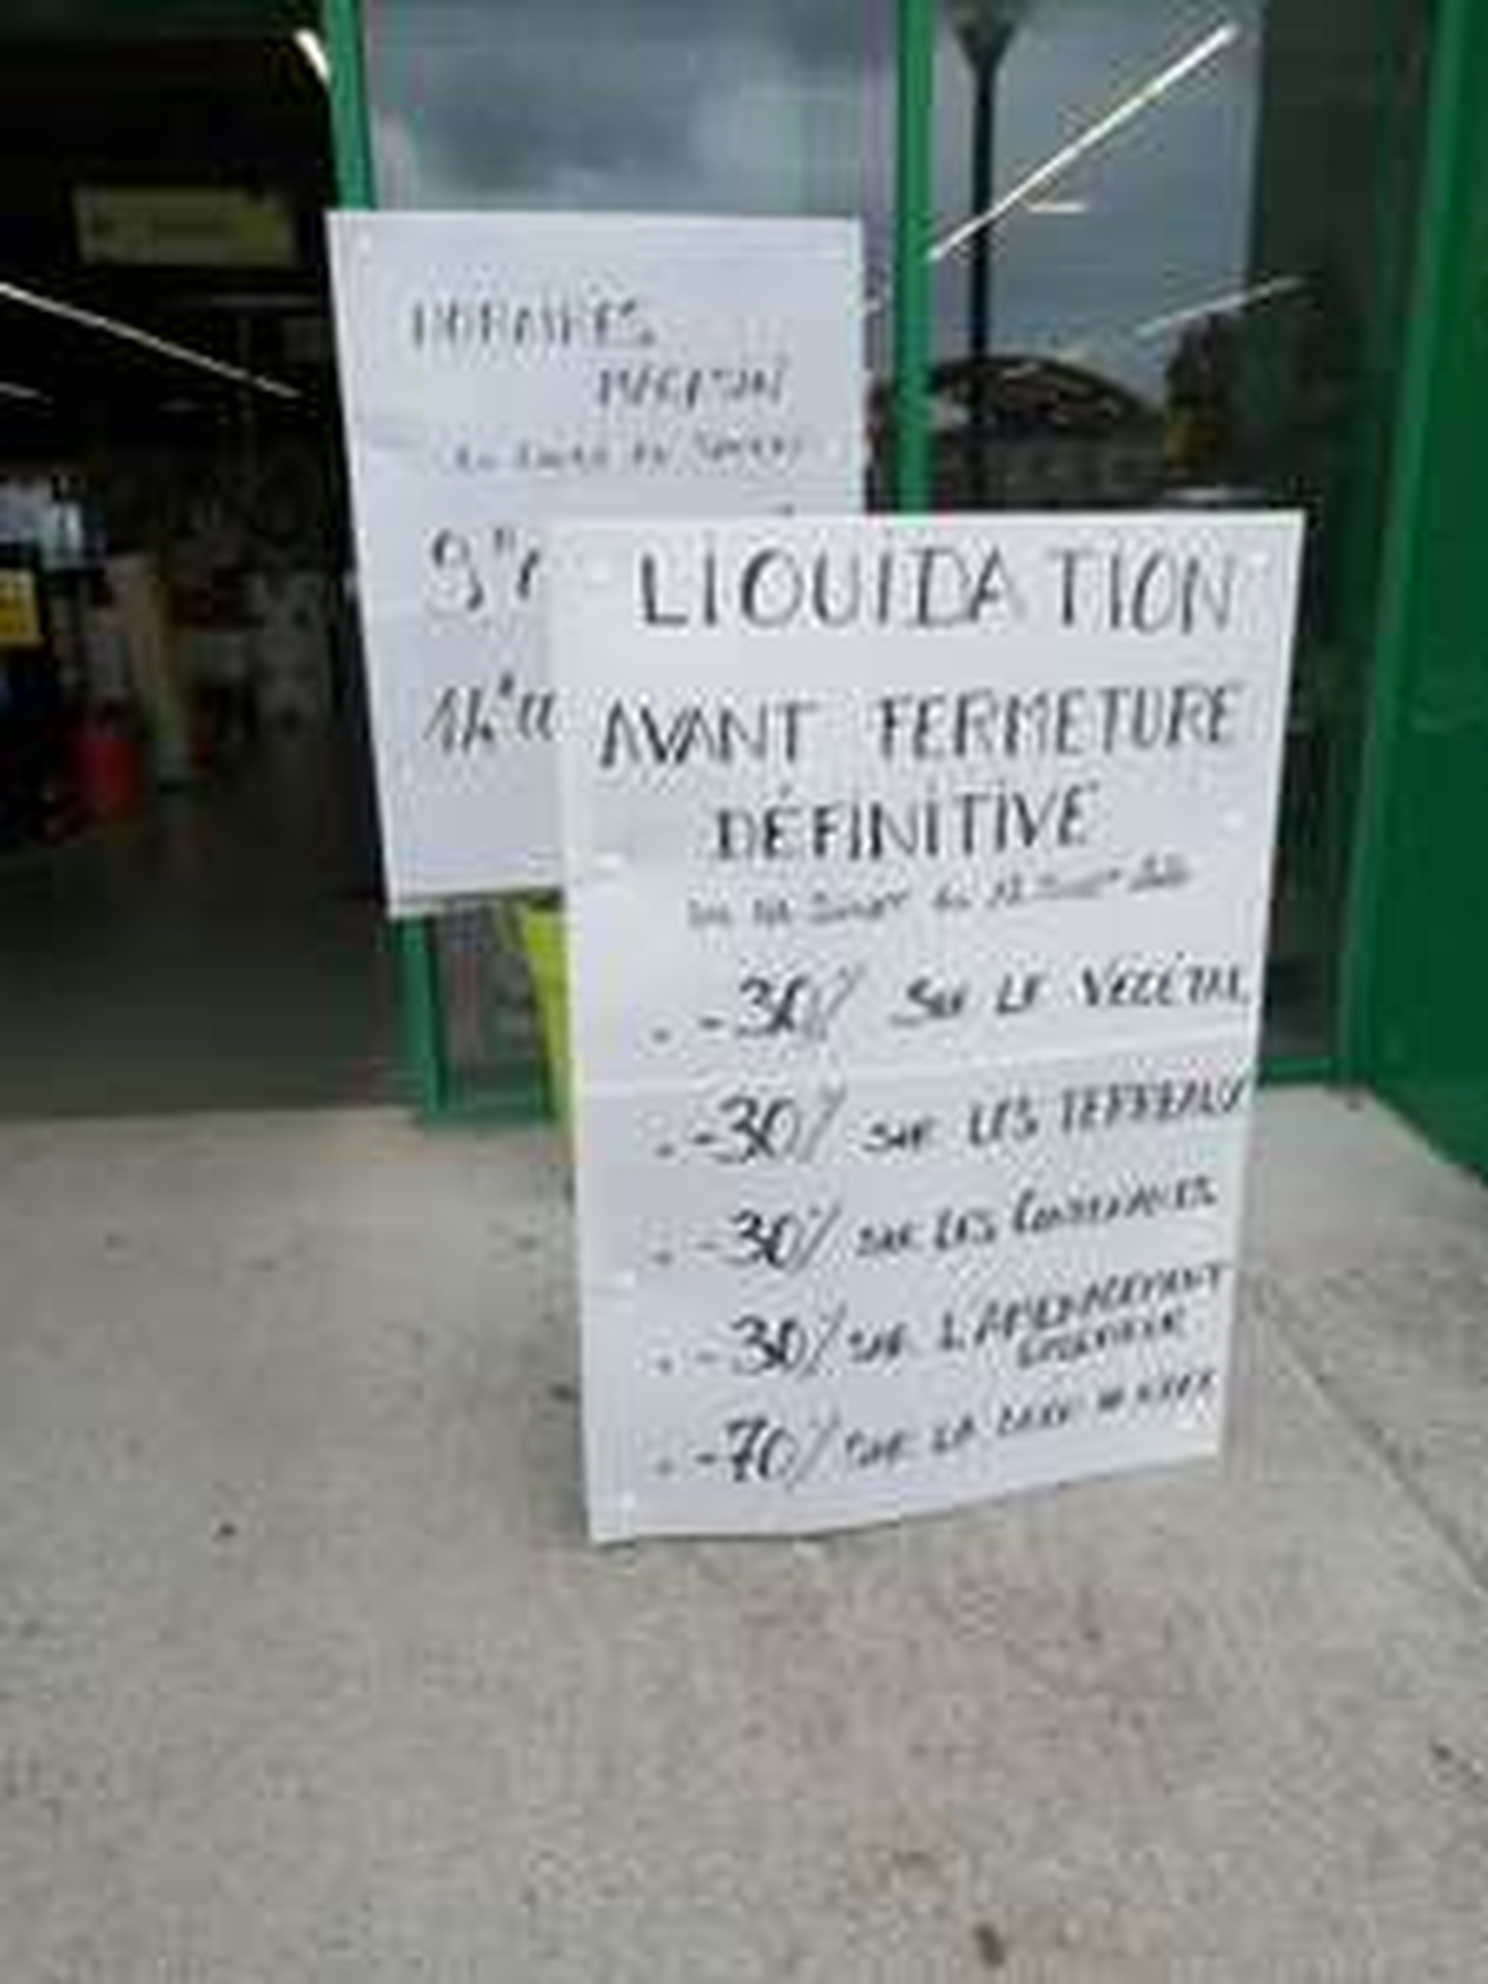 30% de réduction sur tout le magasin et 70% sur la décoration de Noël (liquidation avant fermeture) - Biganos (33)